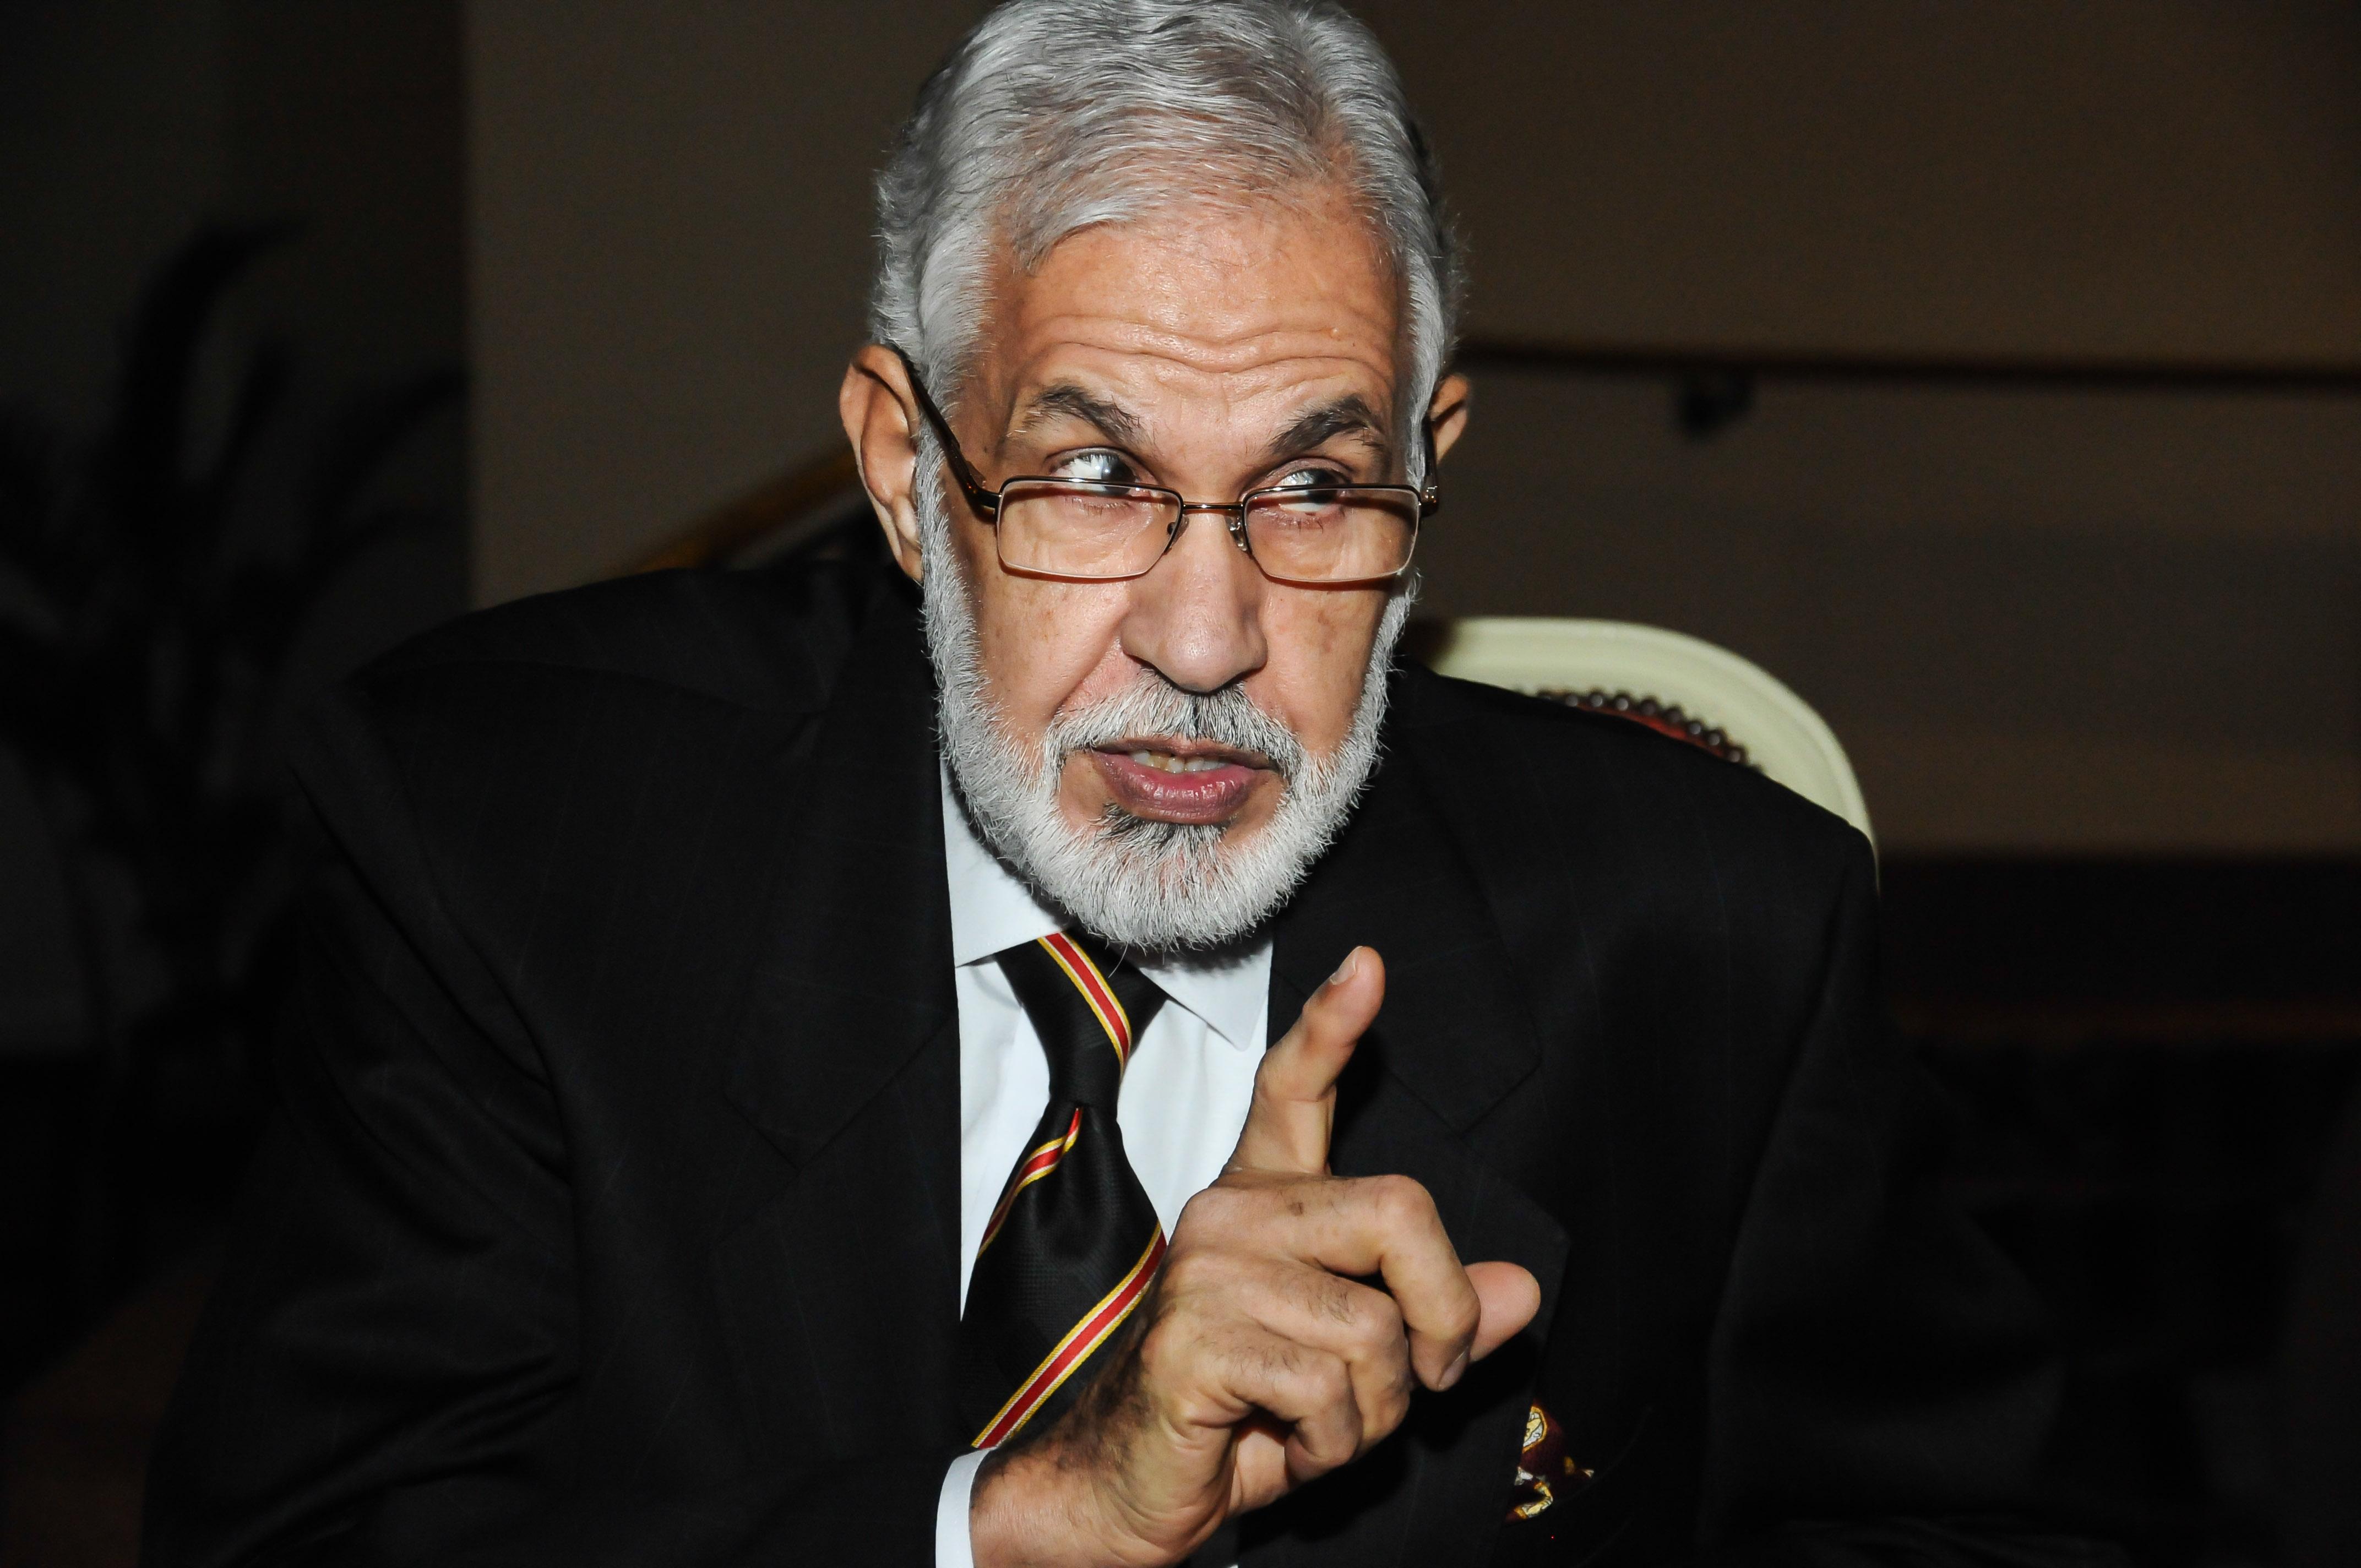 وزير الخارجية بحكومة الوفاق الوطني محمد الطاهر سيالة